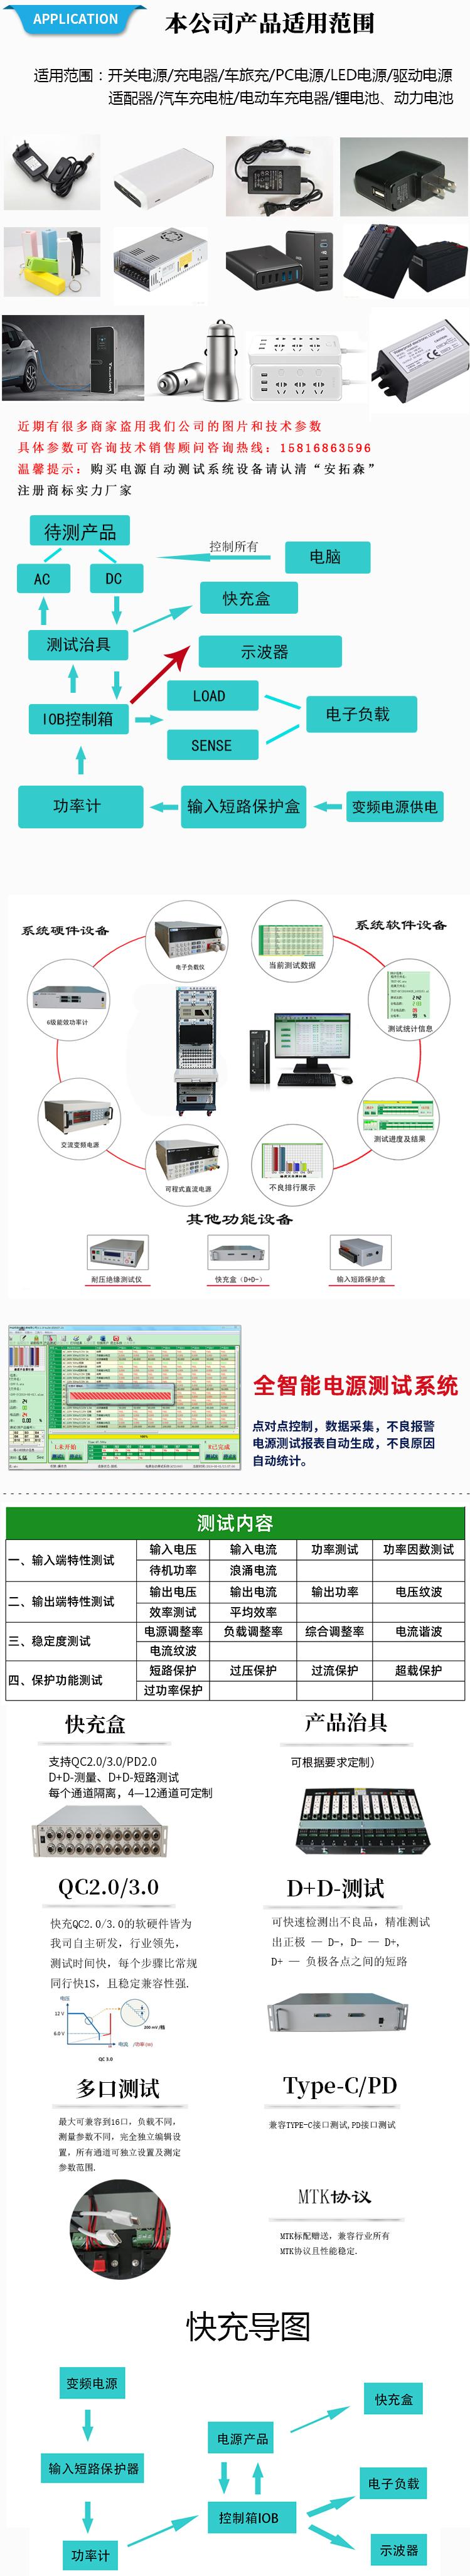 电源综合测试系统